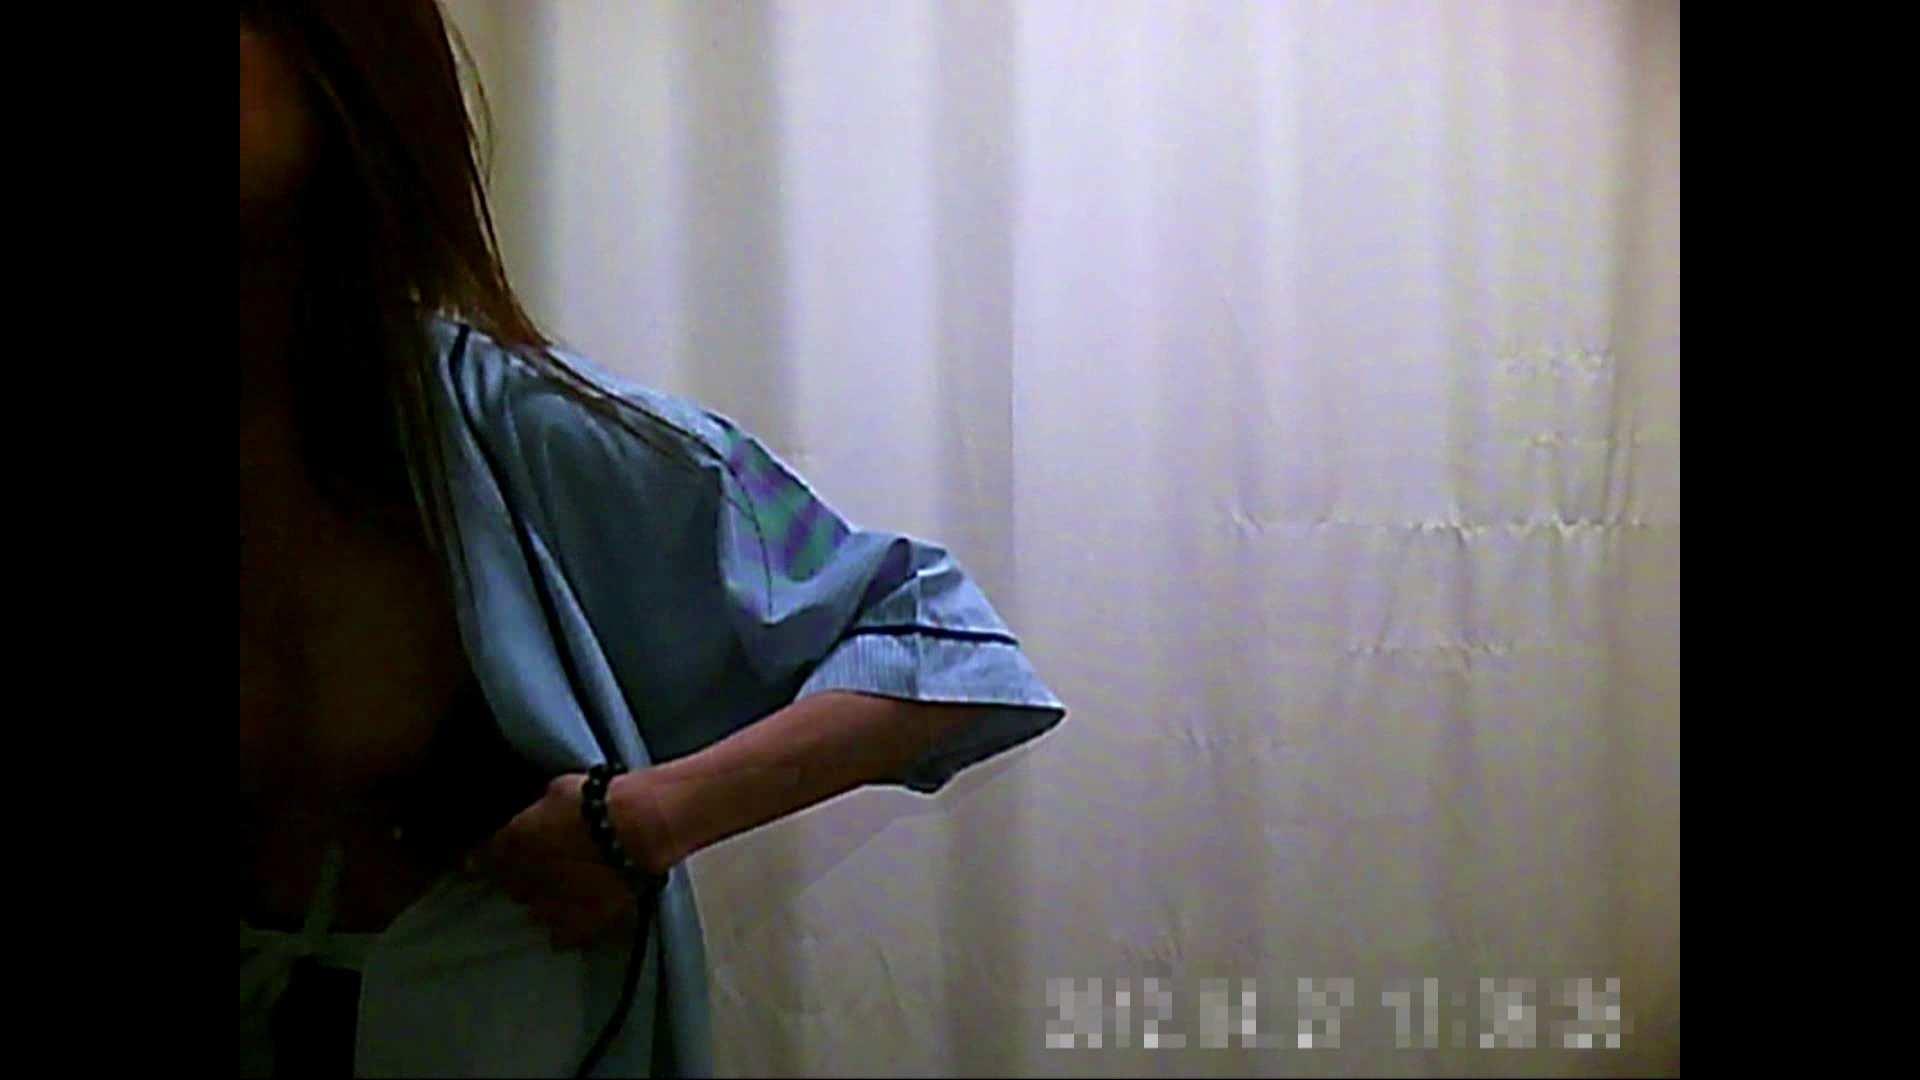 病院おもいっきり着替え! vol.290 貧乳編 AV無料 91画像 79